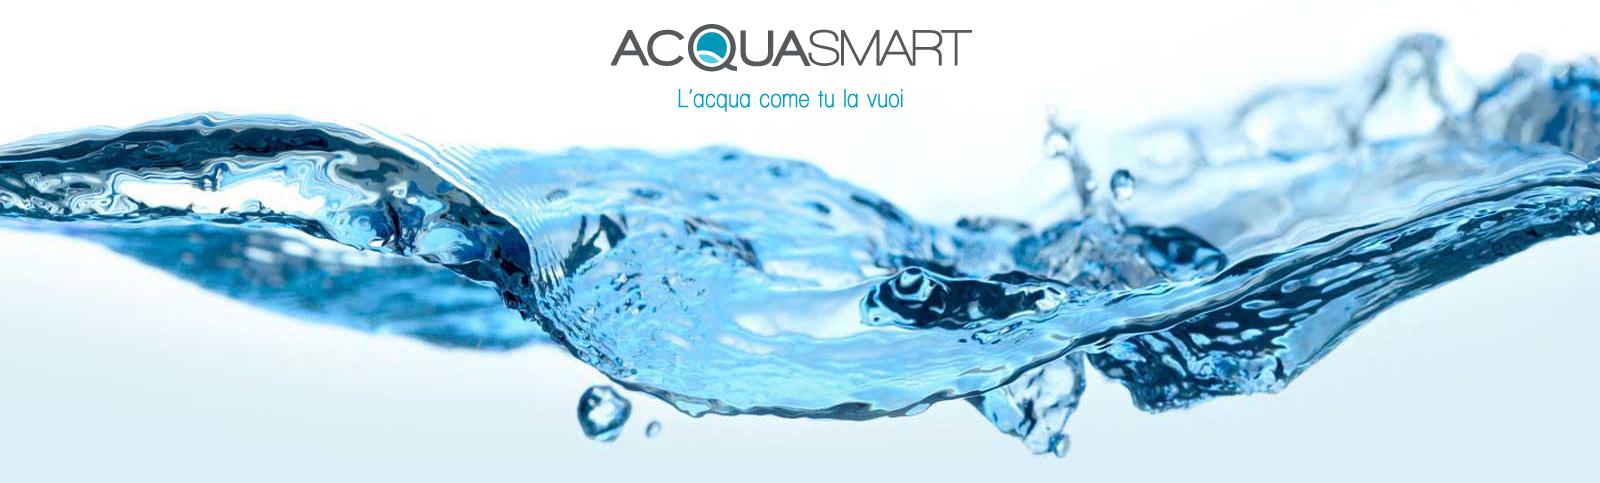 acquasmart